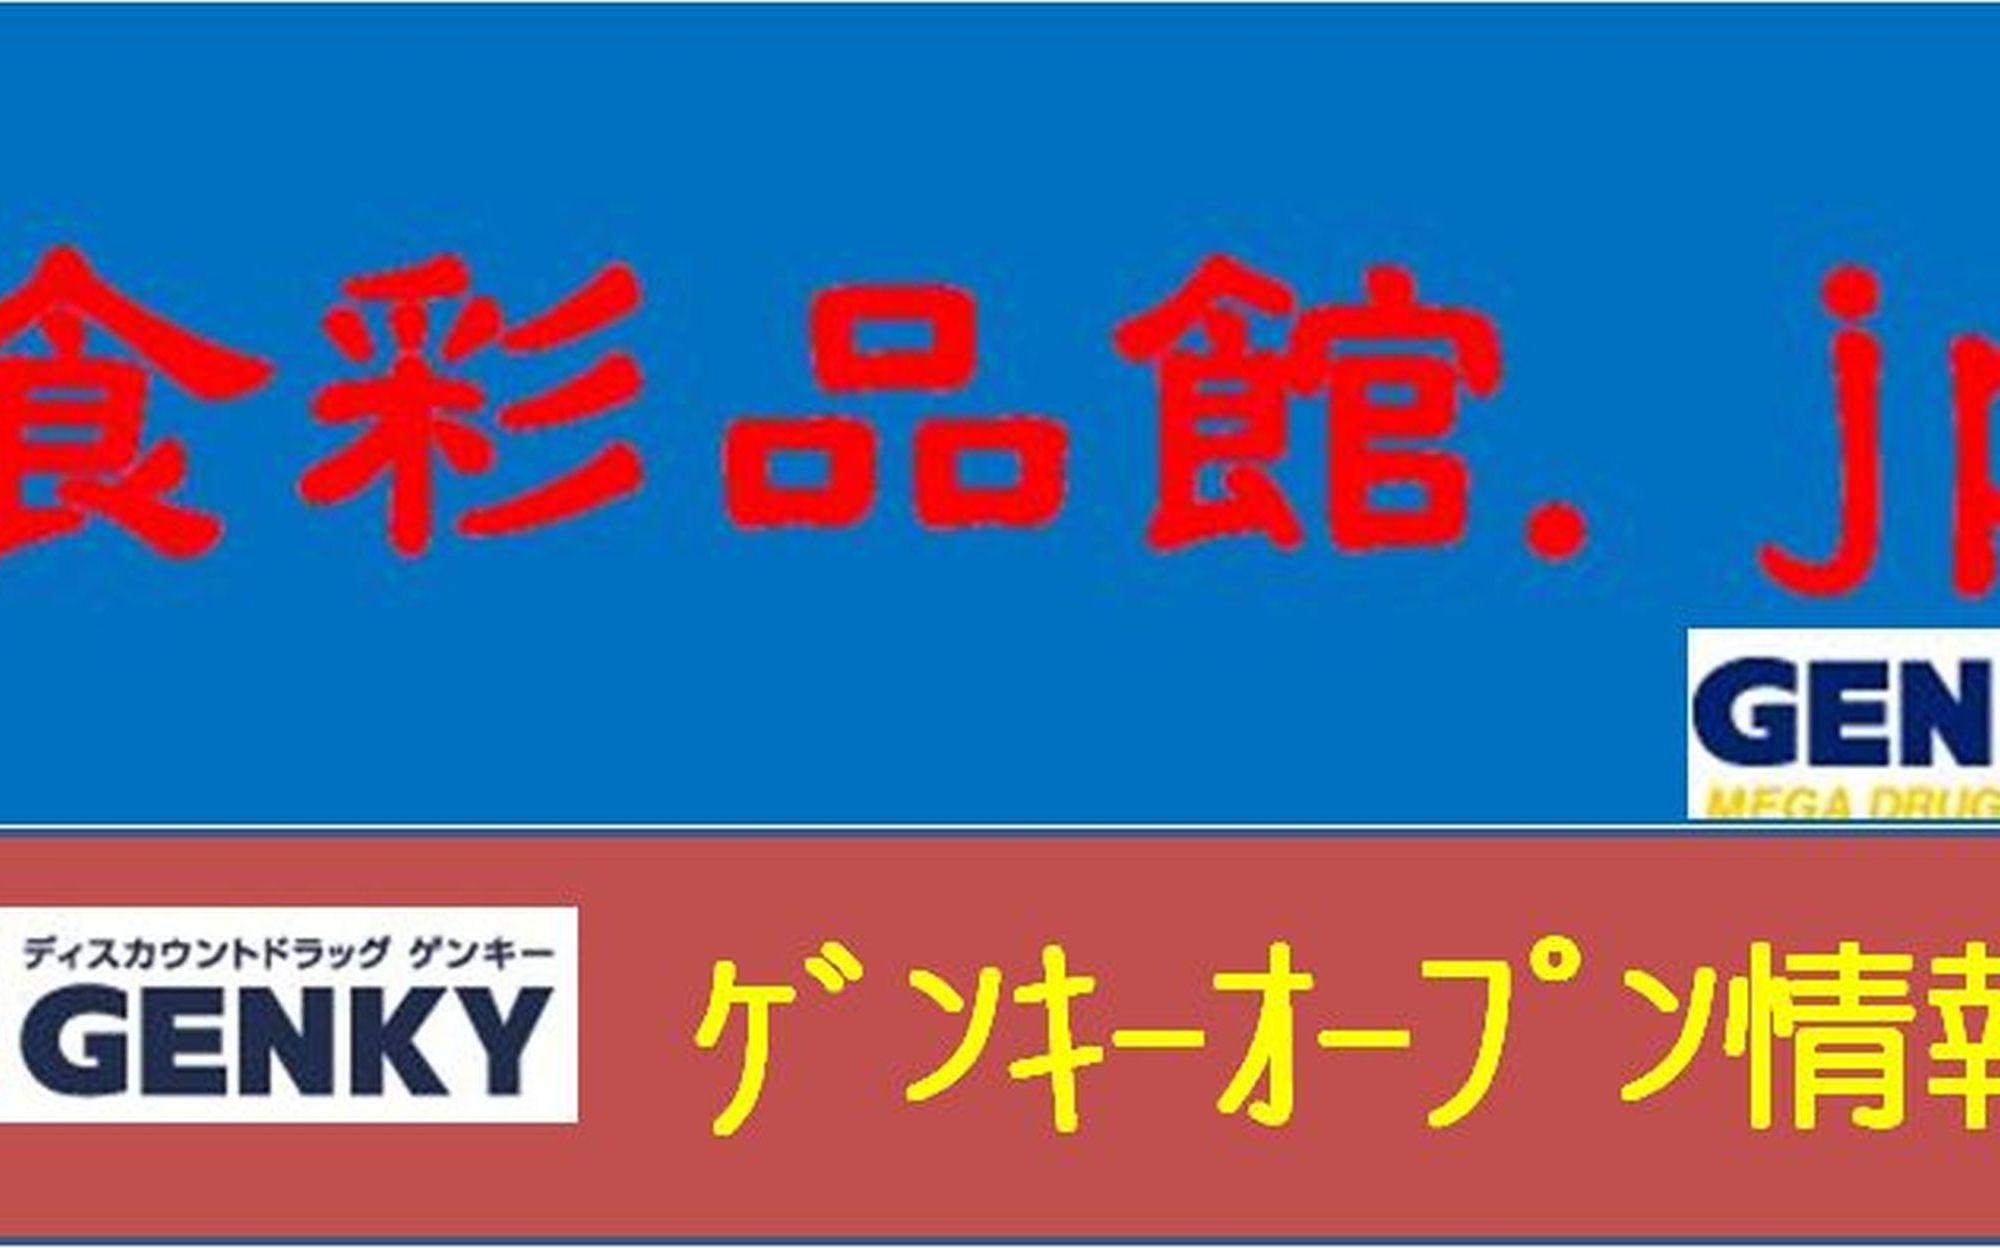 ゲンキー七尾中島店(GENKY,石川県七尾市)2020年12月26日オープン